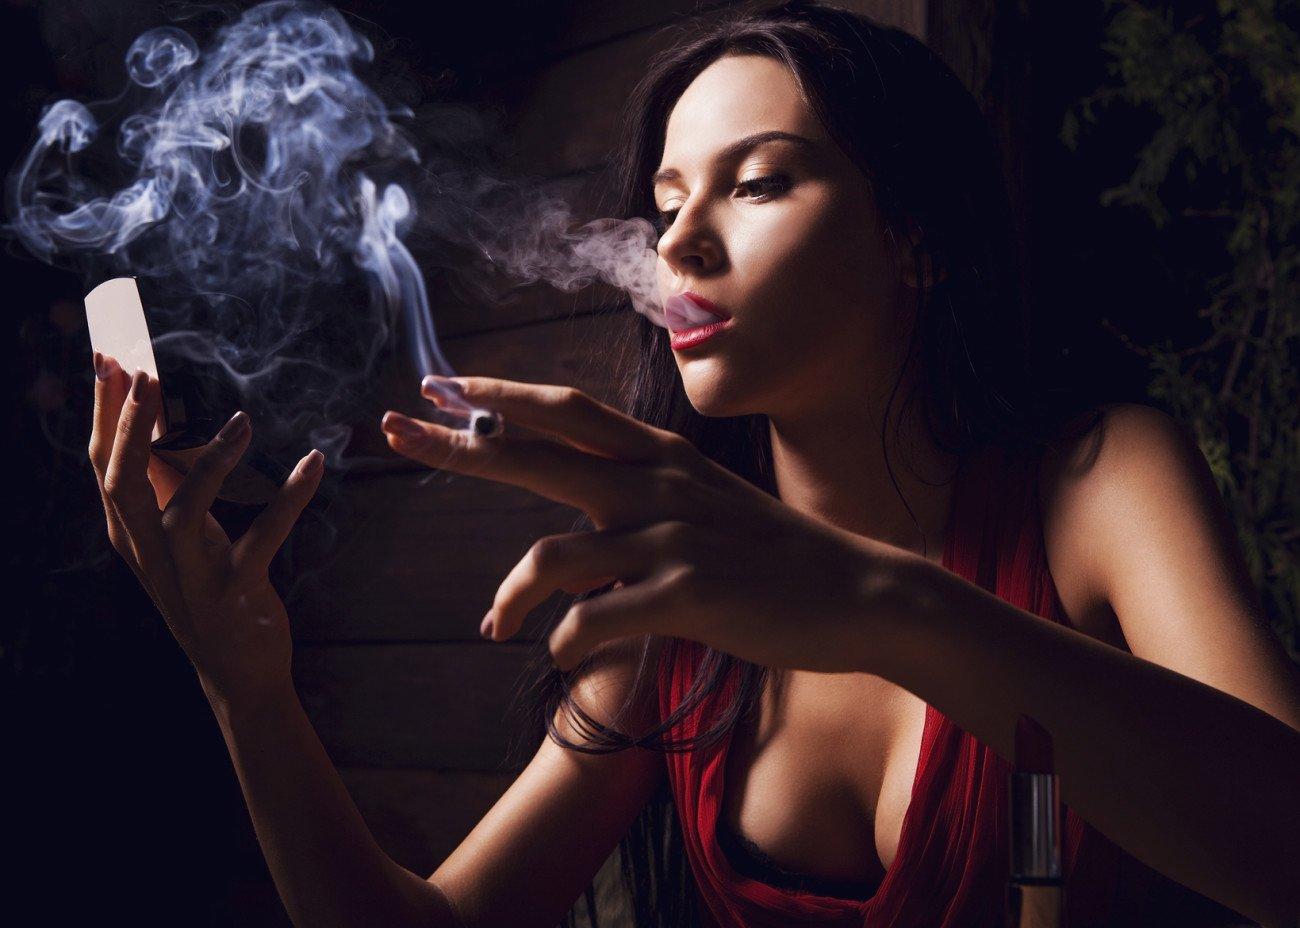 Kater vorbeugen mit Frischluft statt Nikotin